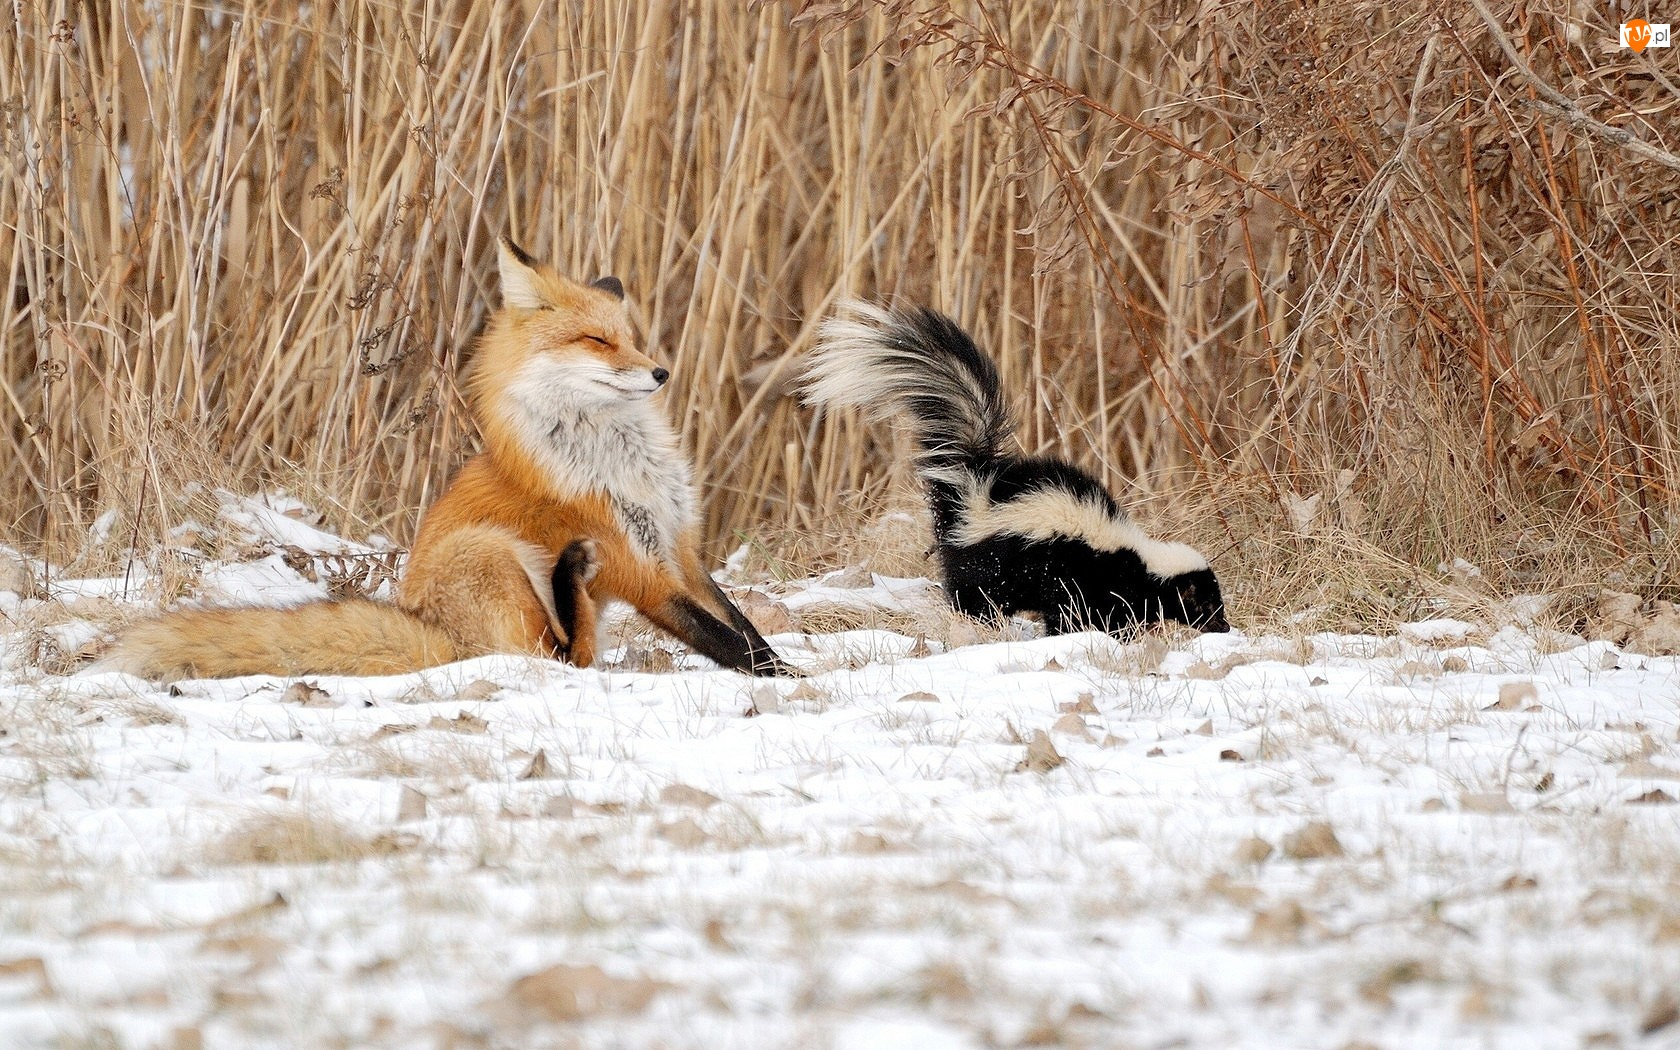 Lis, Skunks